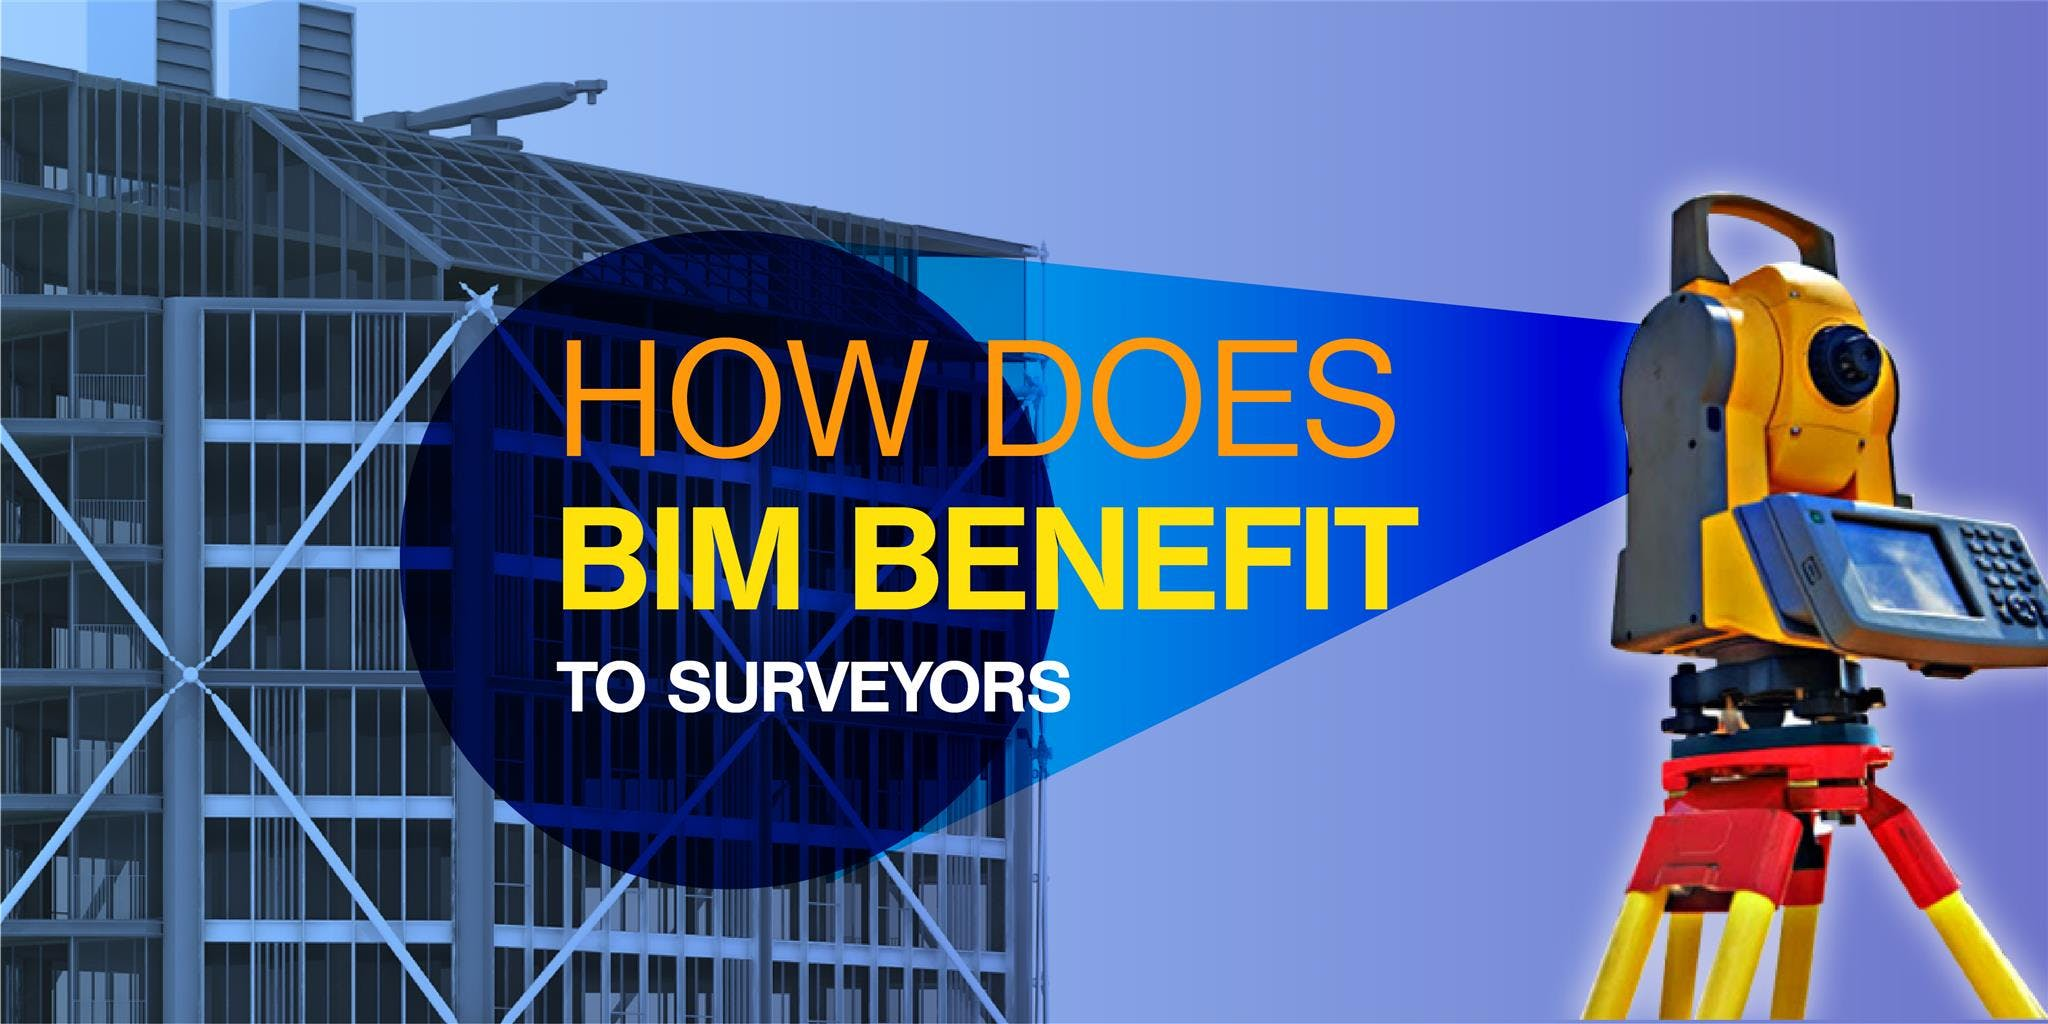 How does BIM benefit surveyors for a retrofitting project? | Hitech BIM Services